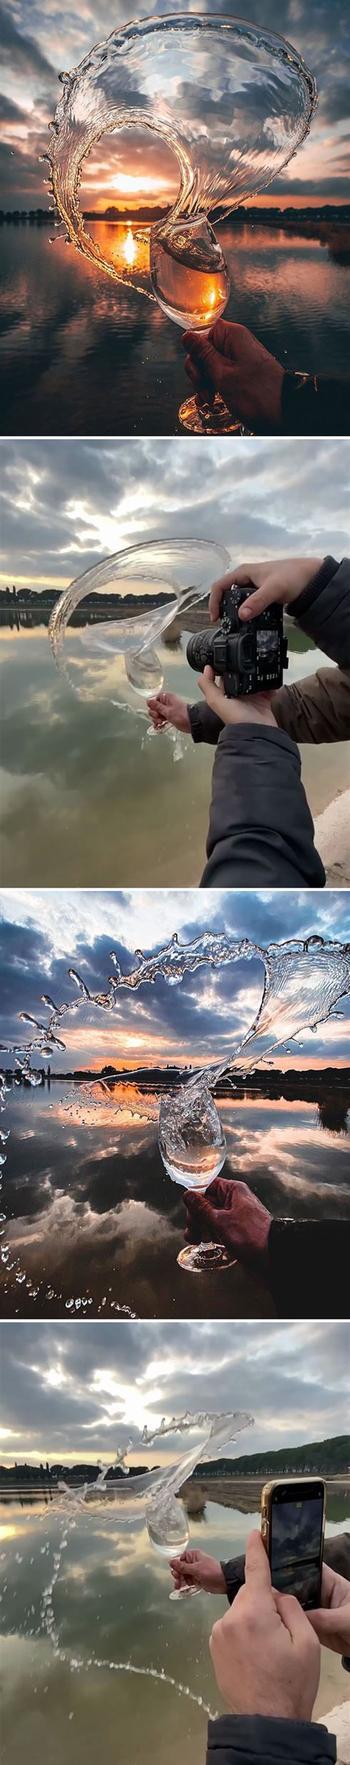 Фотограф использует креативные приёмы для создания своих потрясающих снимков